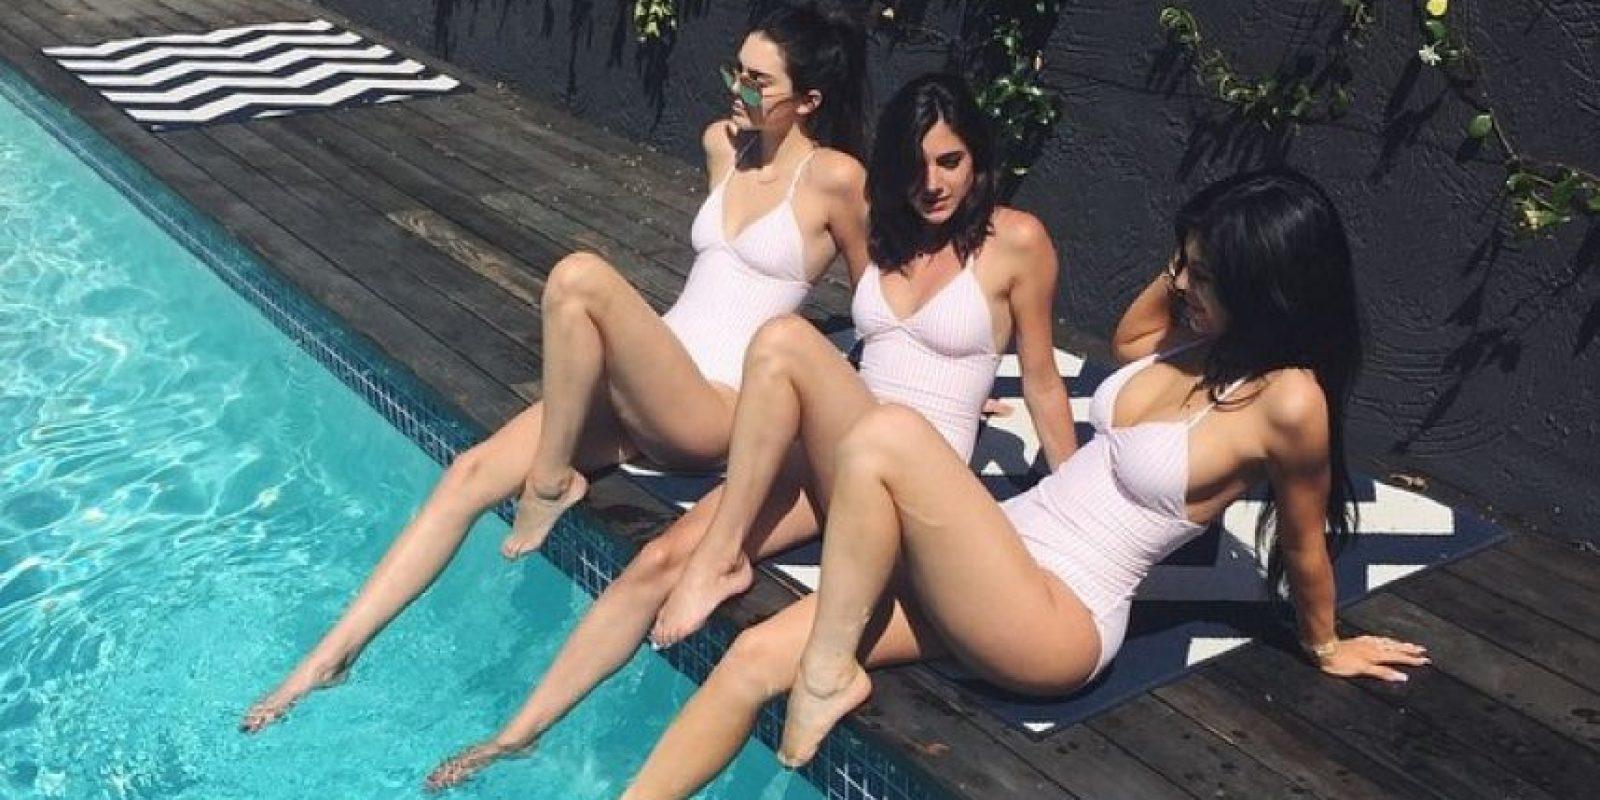 Las tres amigas lucieron los mismos trajes de baño. Foto:Instagram/Lauren_perez